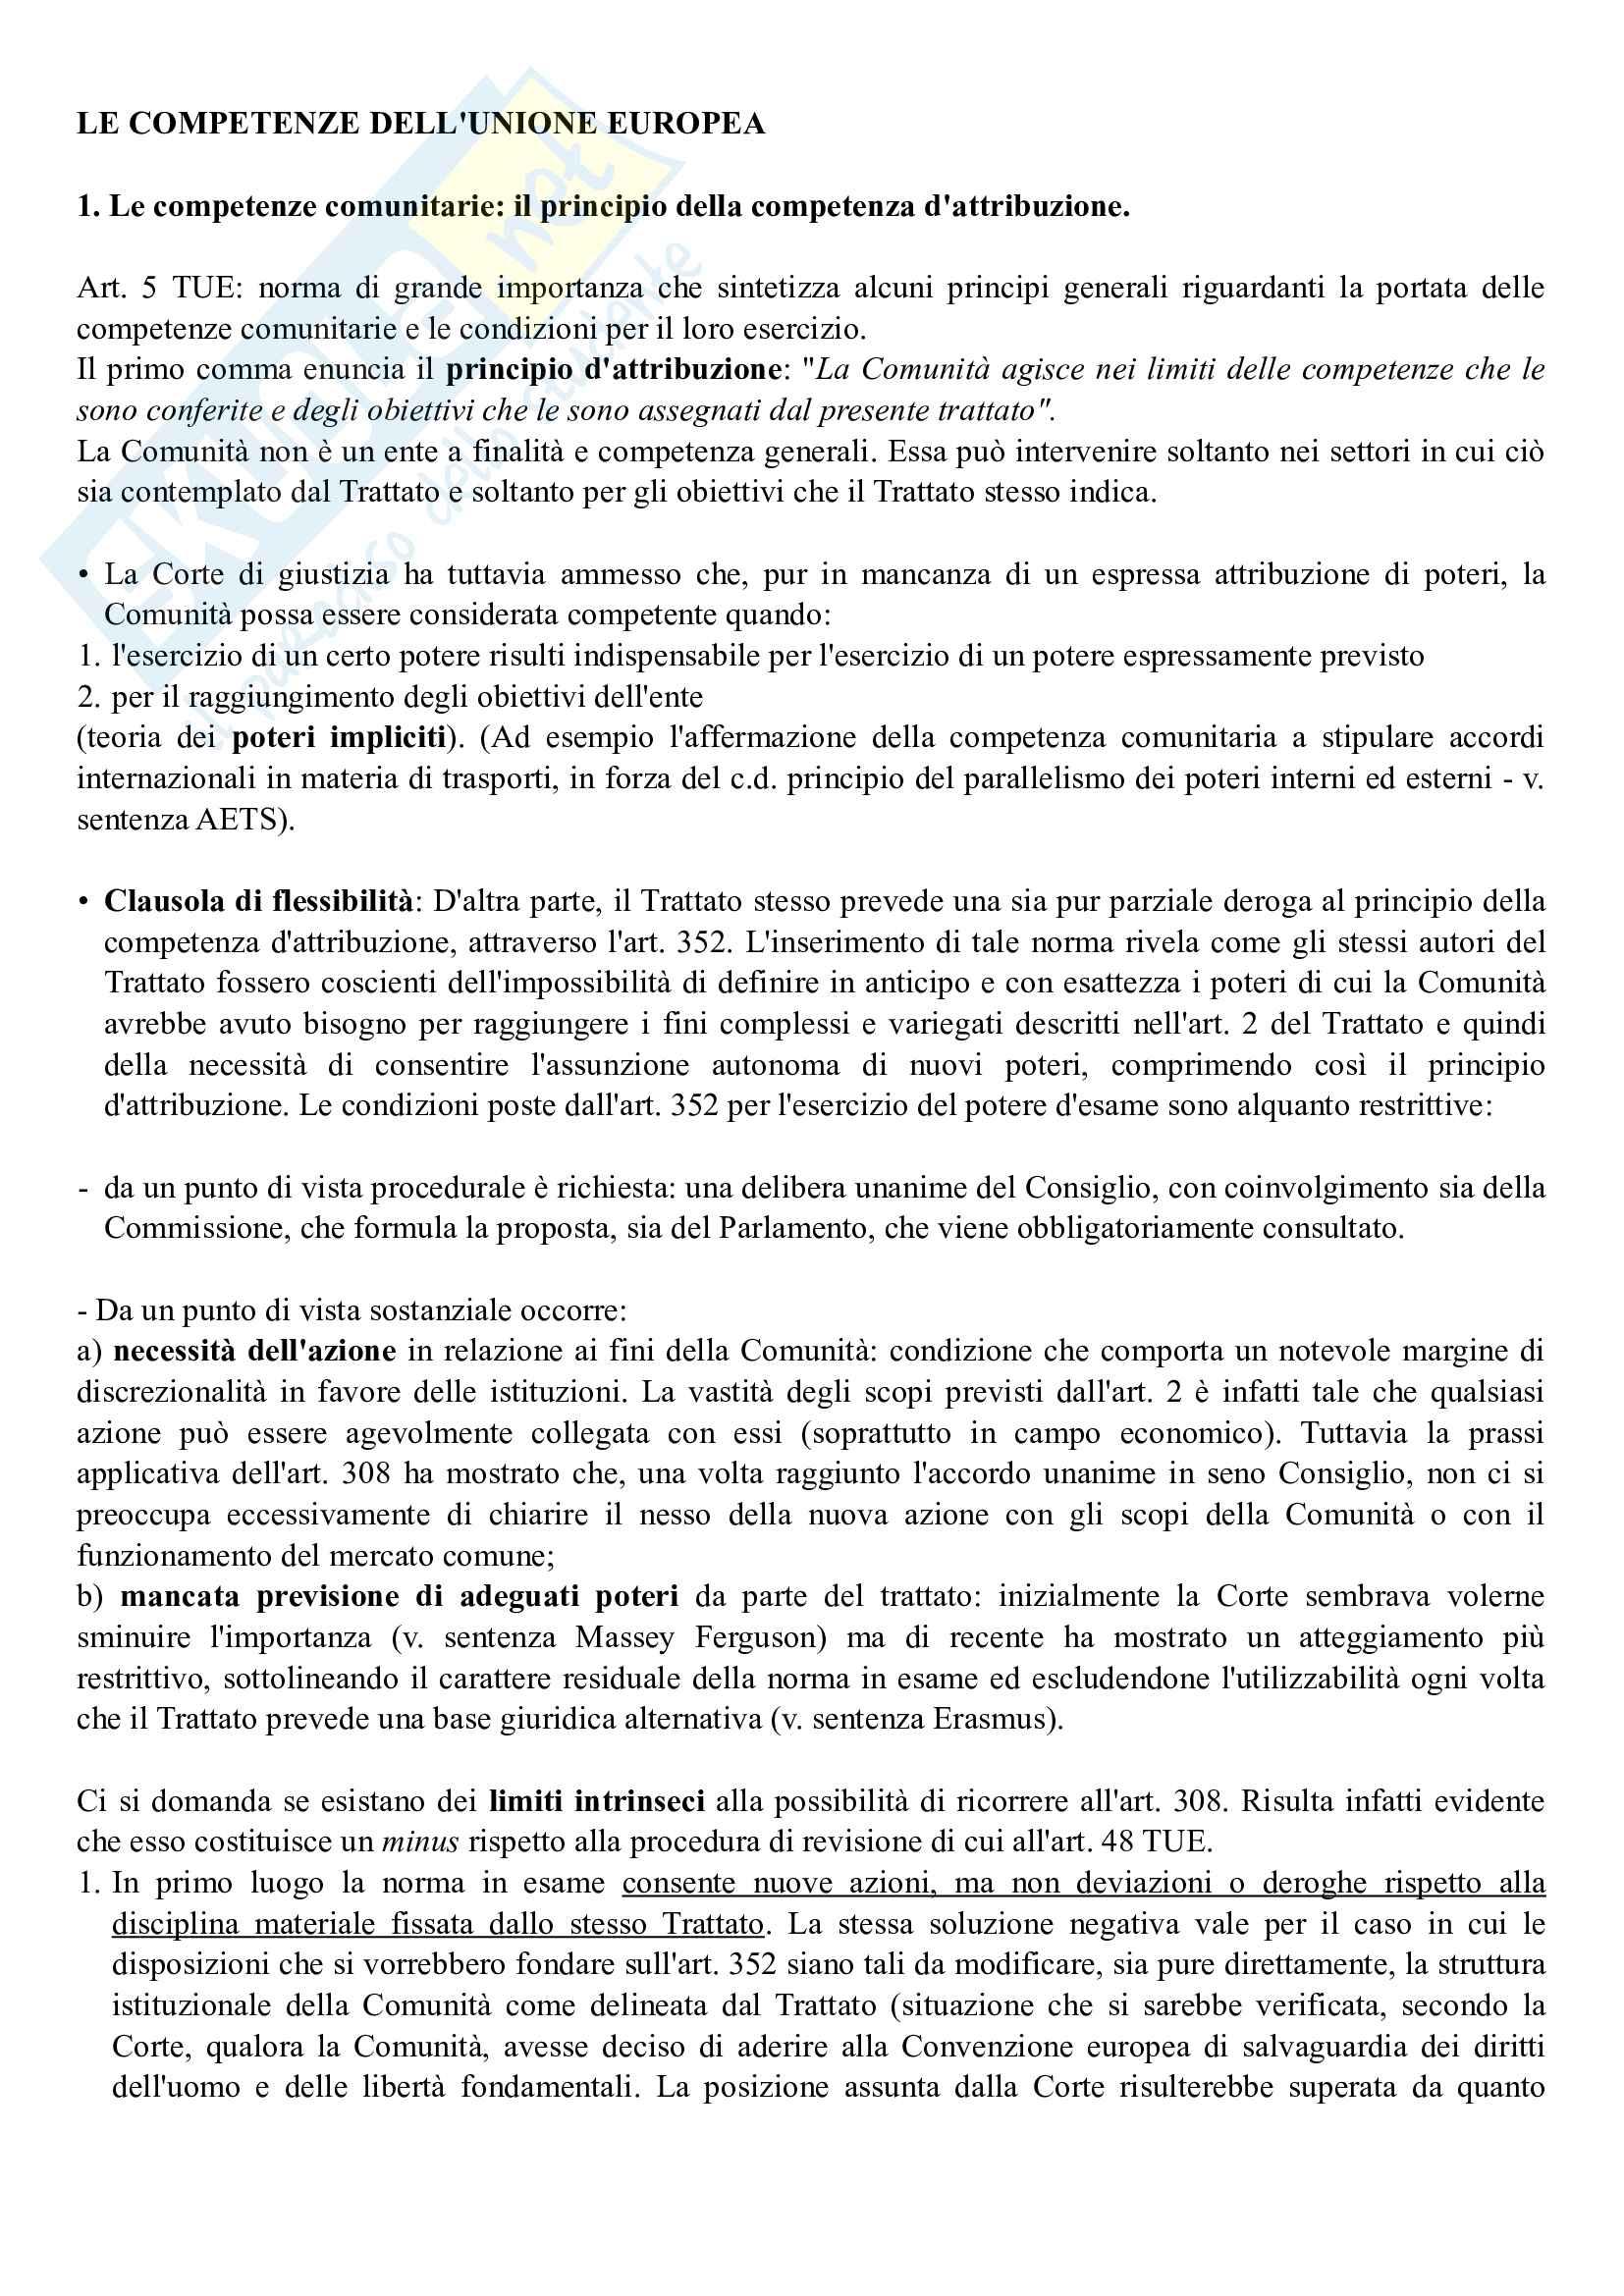 Riassunto esame Diritto dell'Unione Europea, prof. Daniele, prof. Cortese